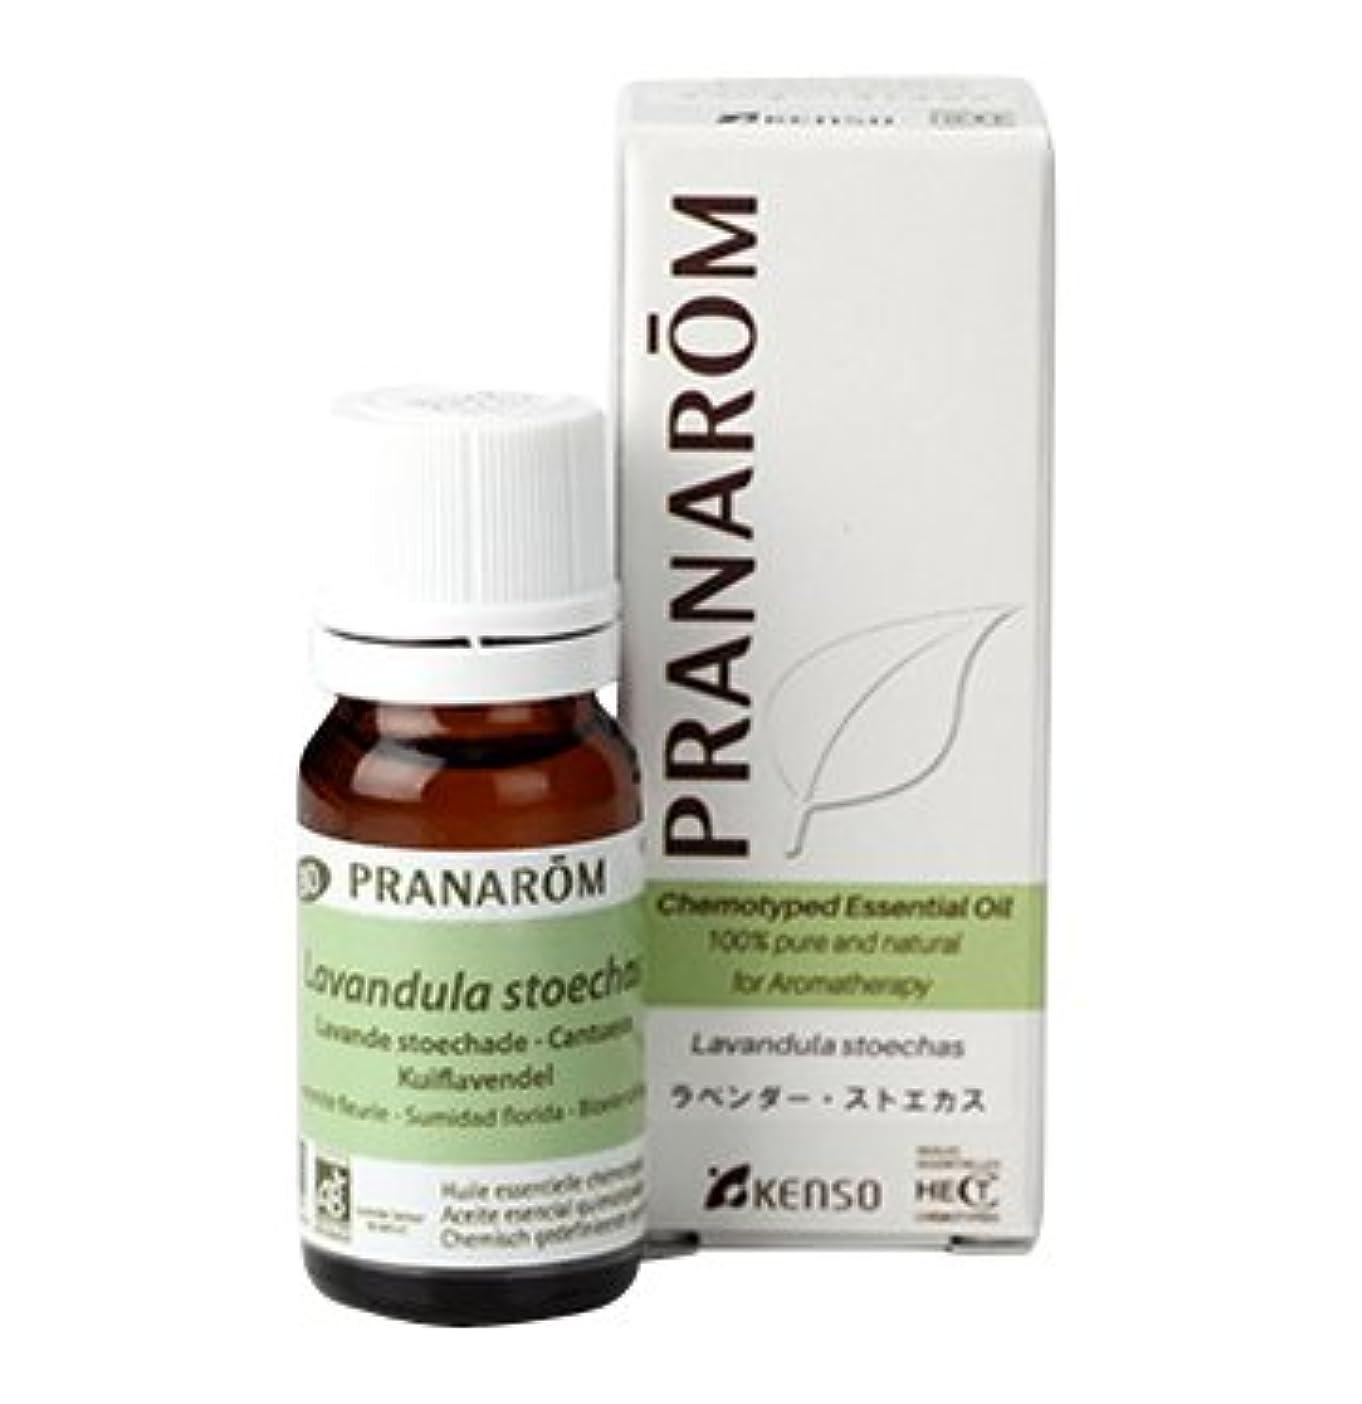 プラナロム ( PRANAROM ) 精油 ラベンダー?ストエカス 10ml p-102 ラベンダーストエカス